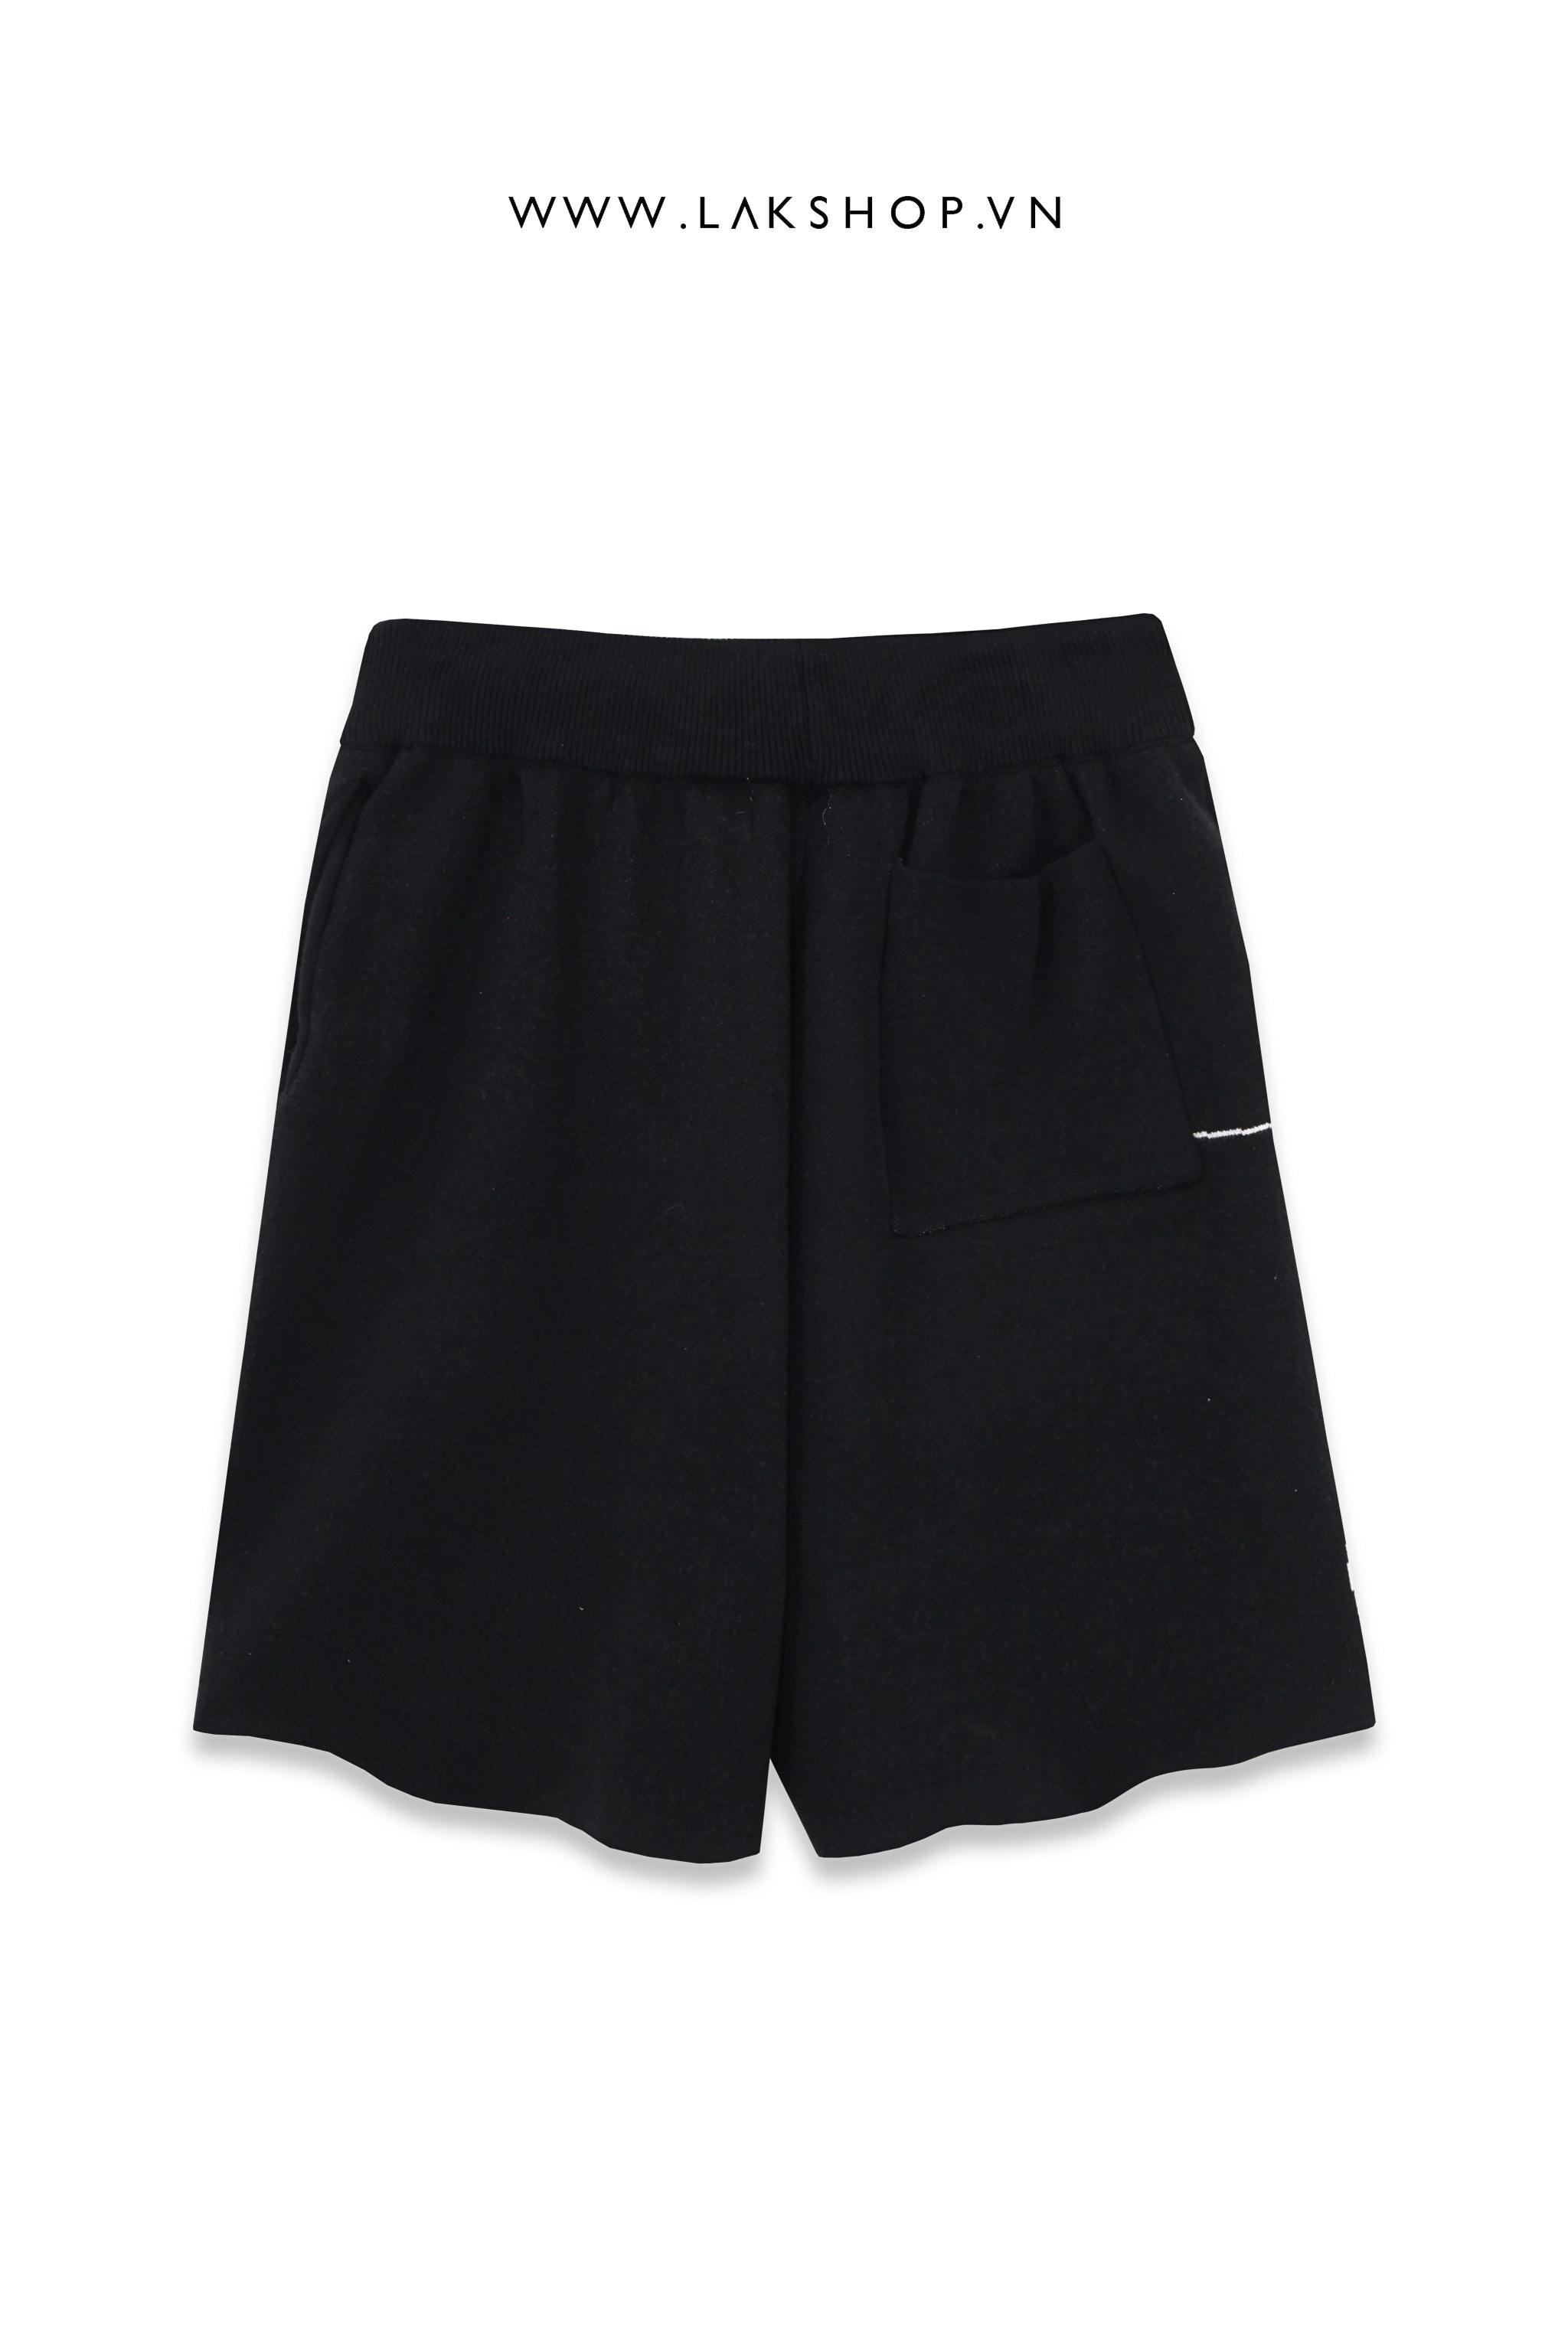 Louis Vuitton 3D Monkey Oversized T-shirt